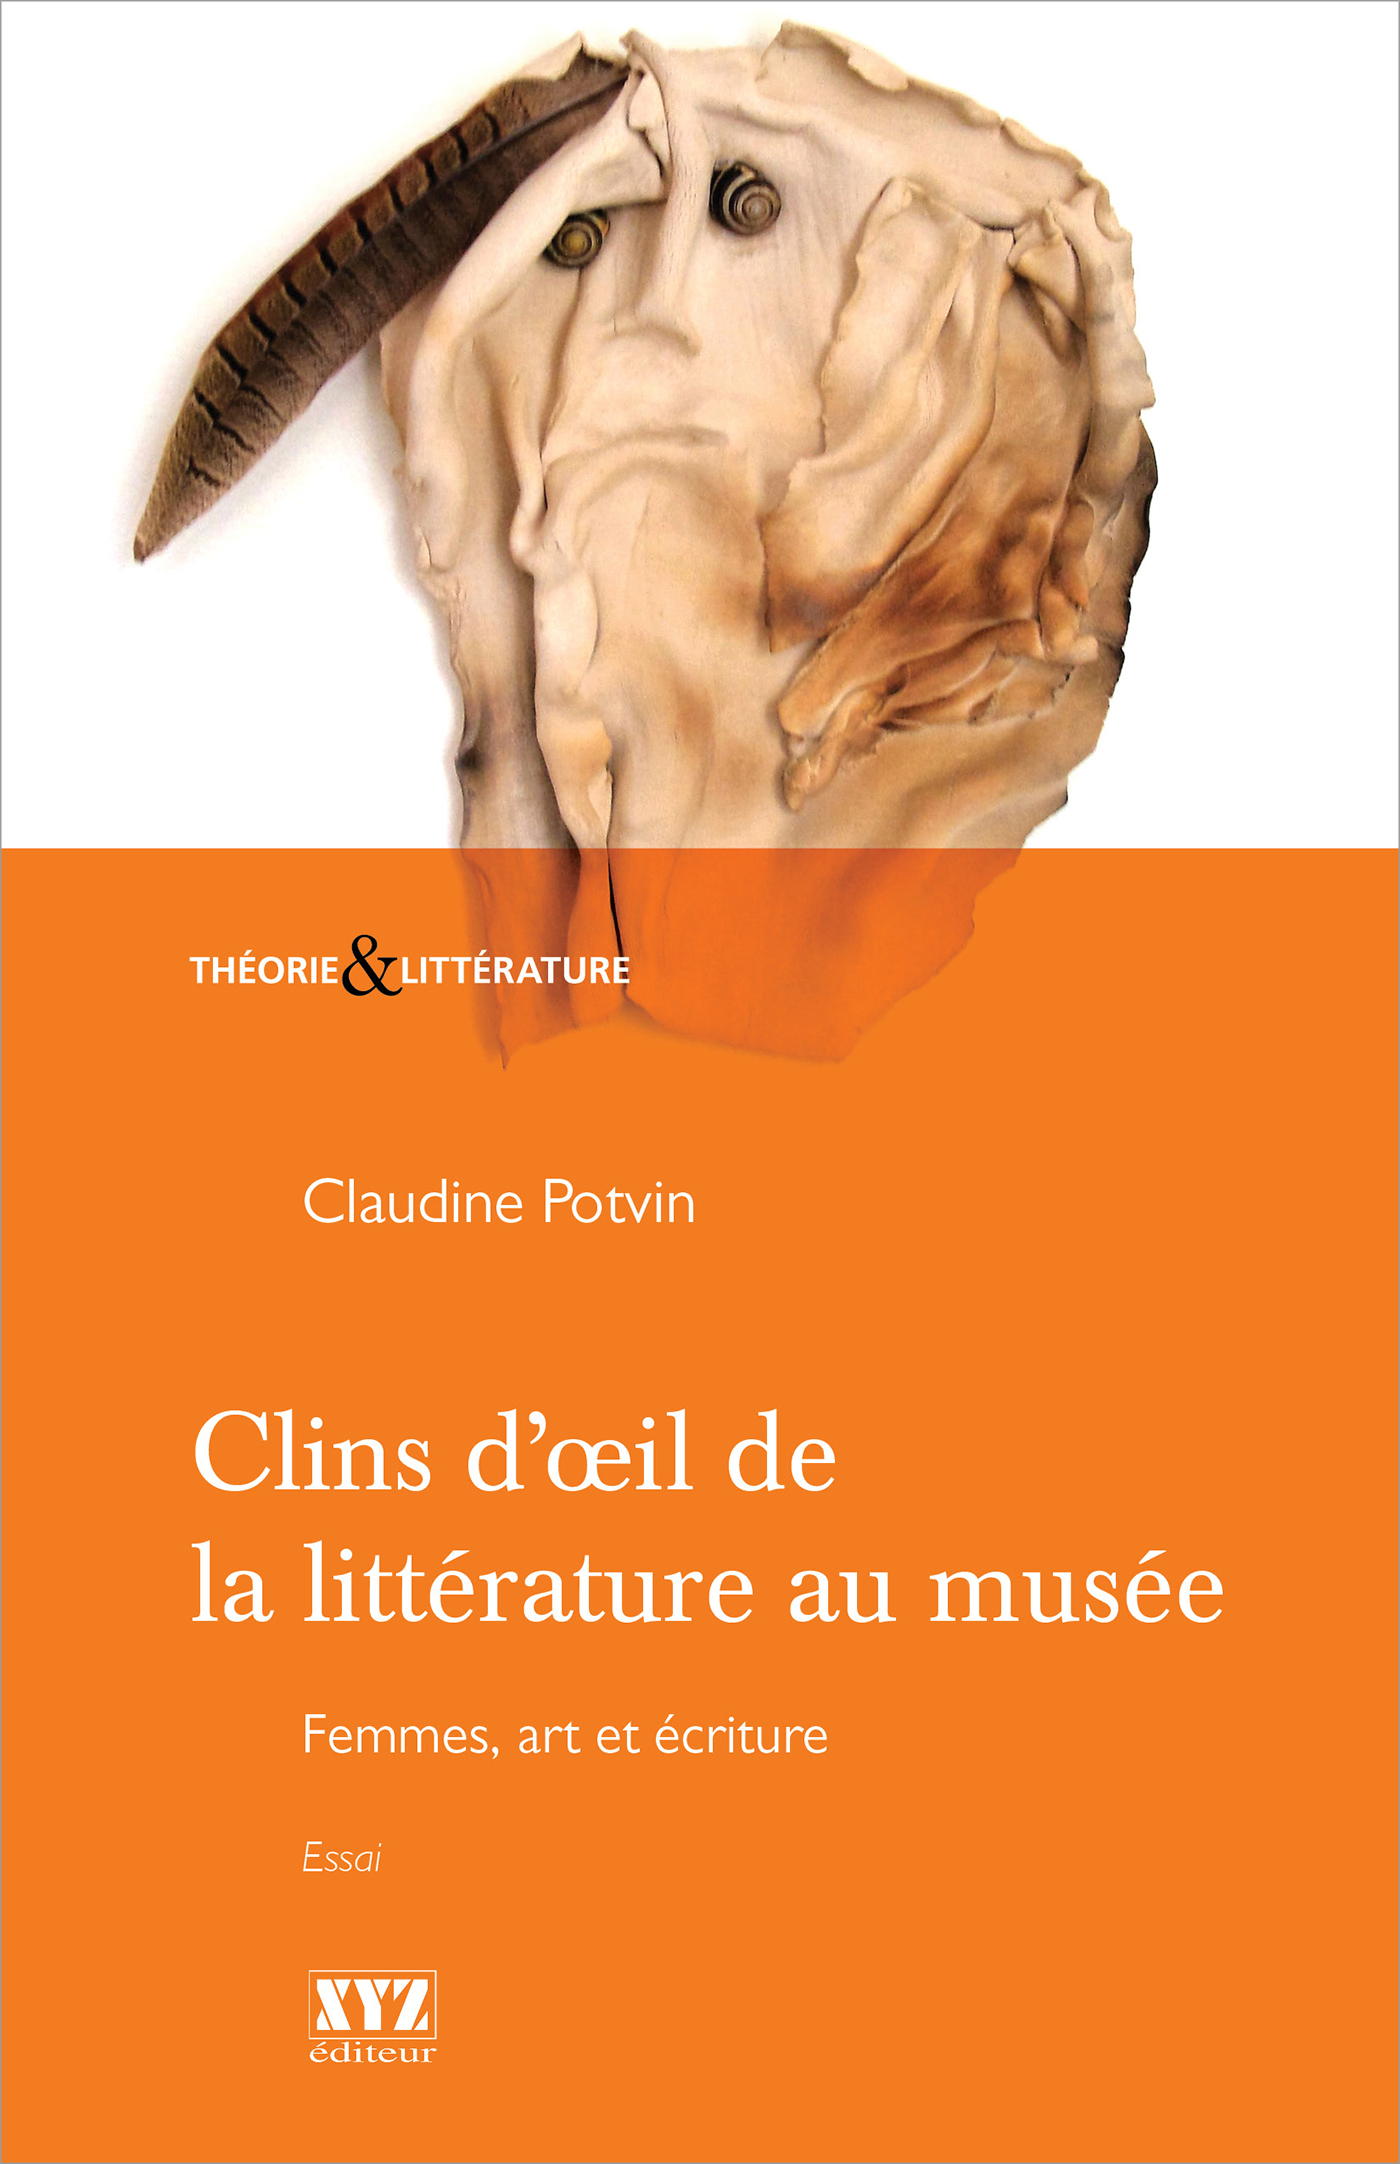 Clins d'œil de la littérature au musée